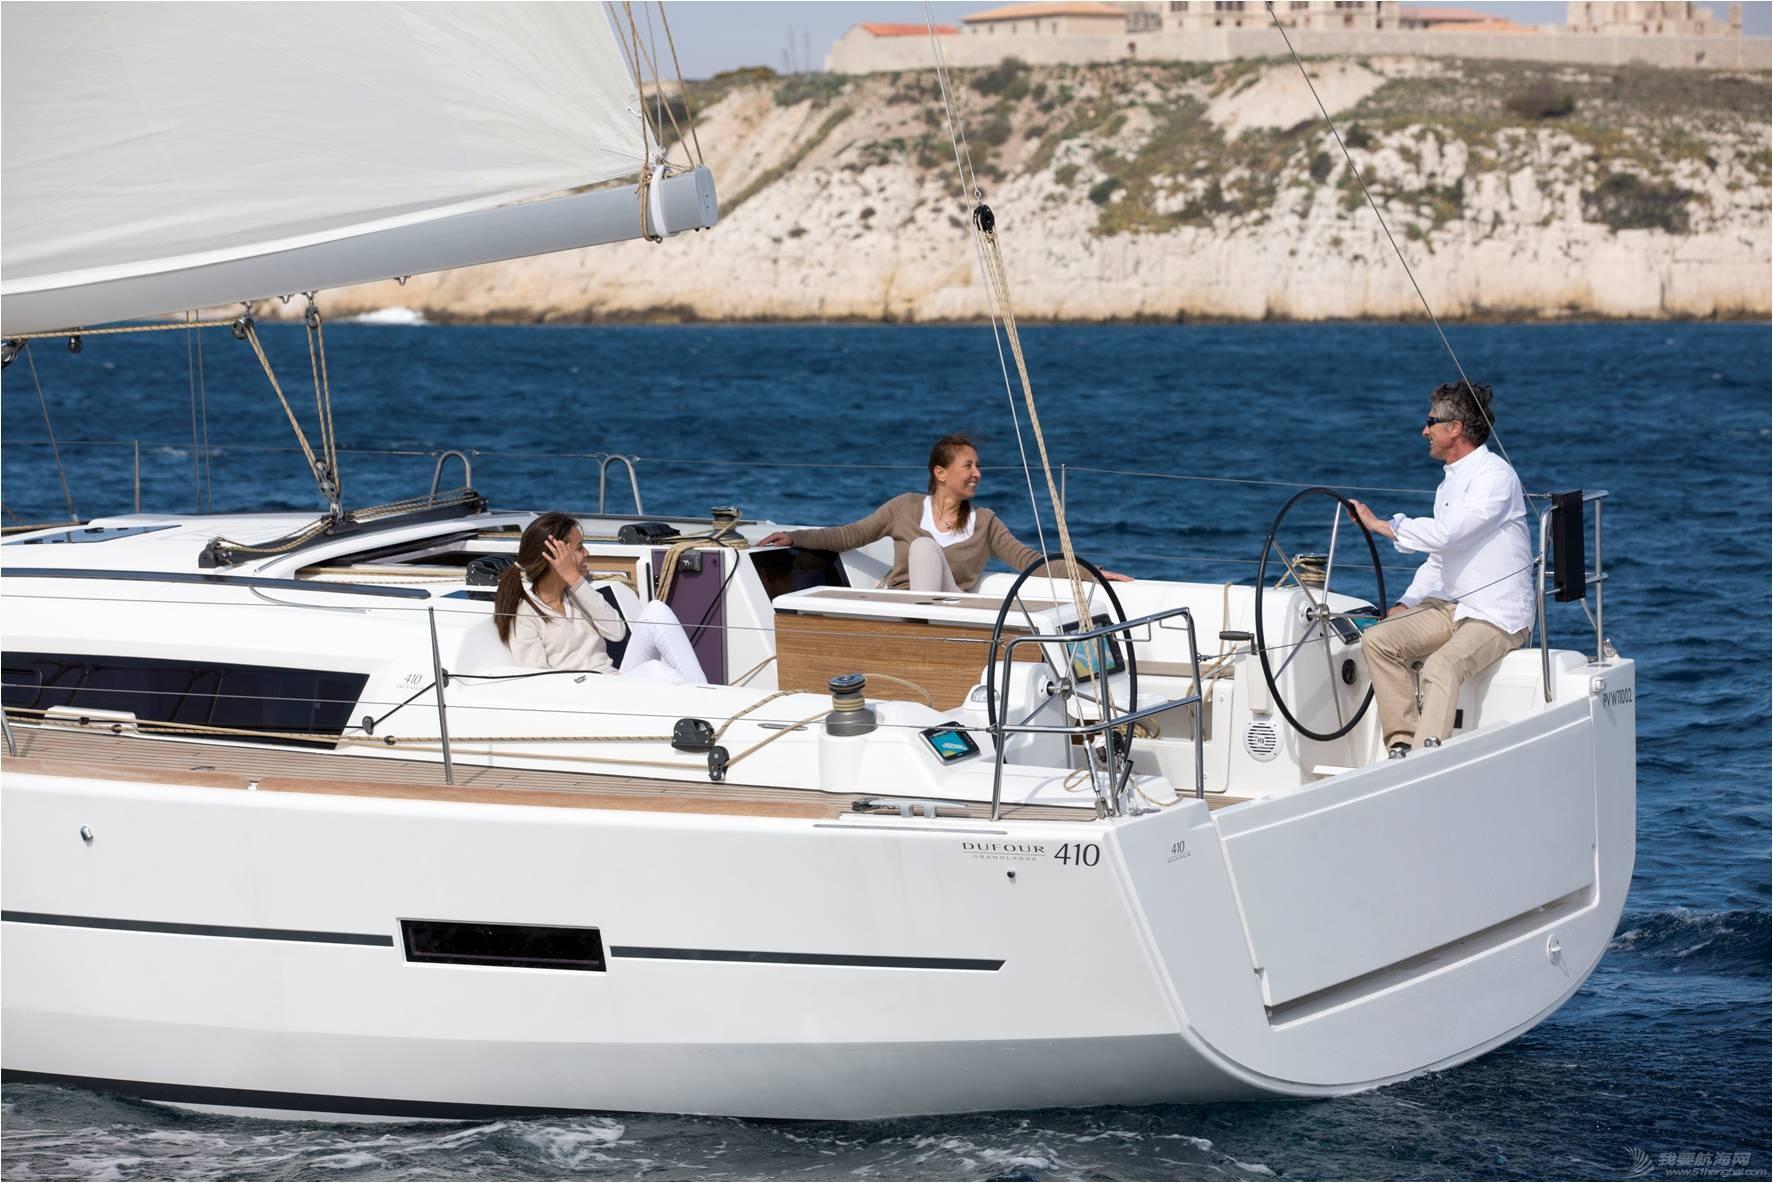 俱乐部,游艇,航海家,大连,可以 大连航海家游艇俱乐部有限公司【A2E/A2F】  114617e121ni0ei291pu1n